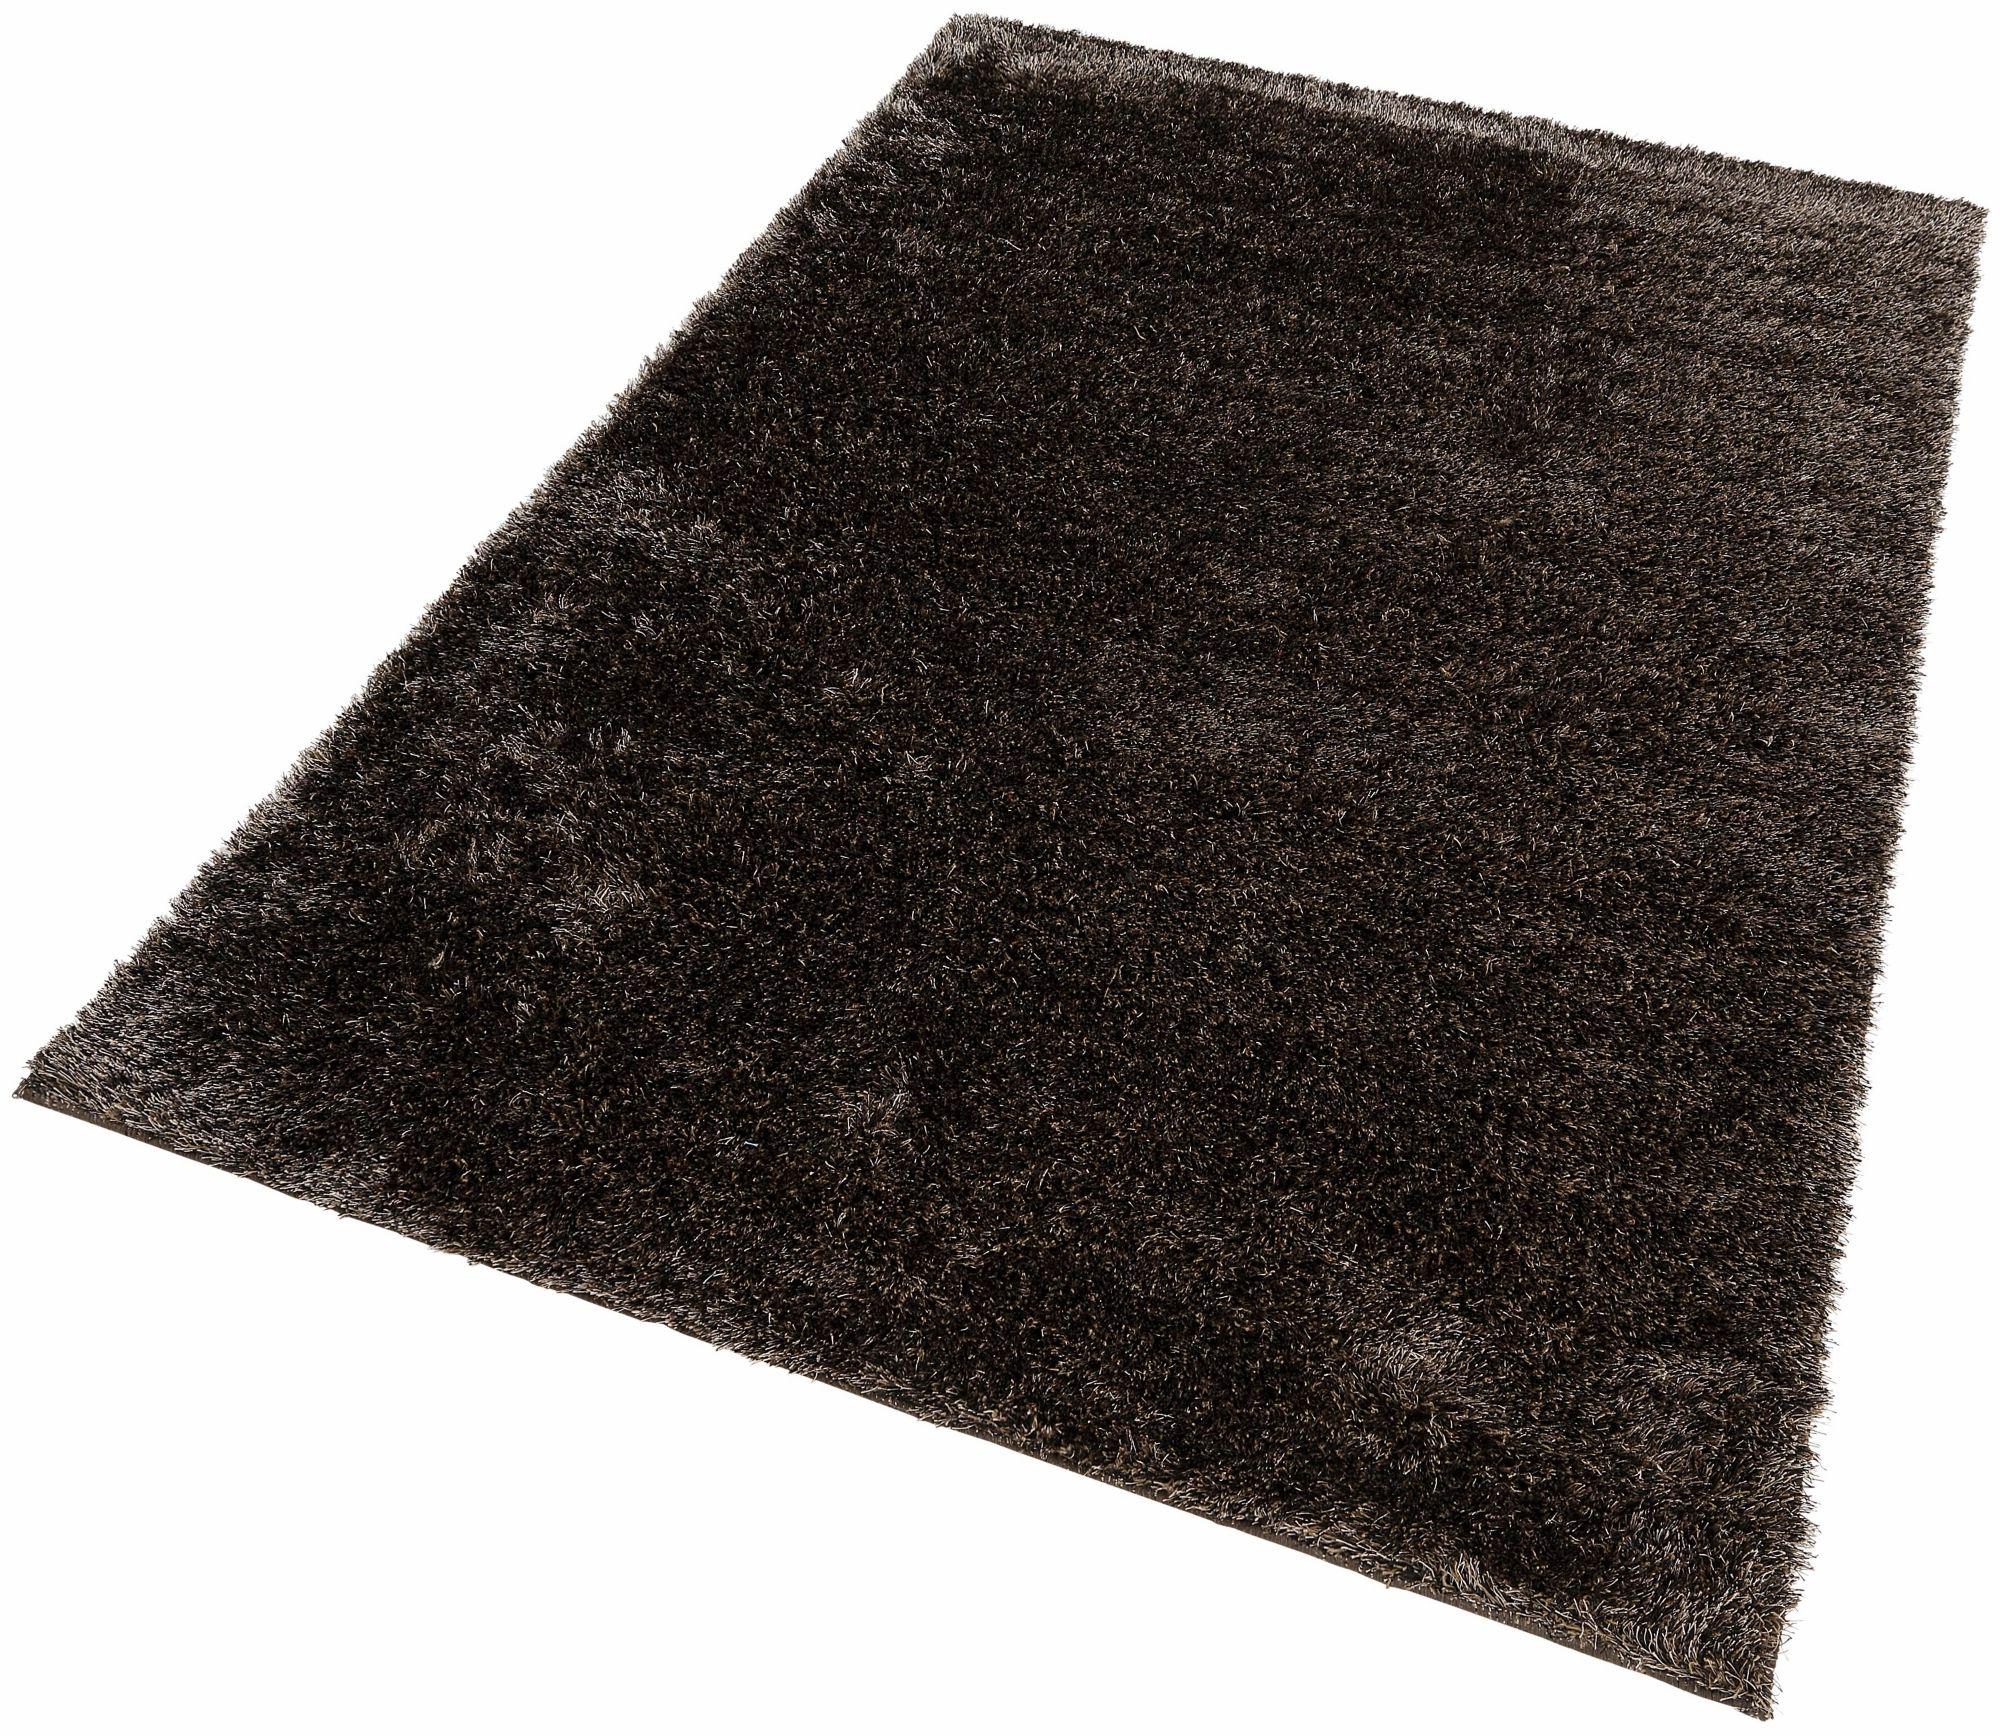 Hochflor-Teppich, Esprit, »New Glamour«, Höhe ca. 40 mm, getuftet